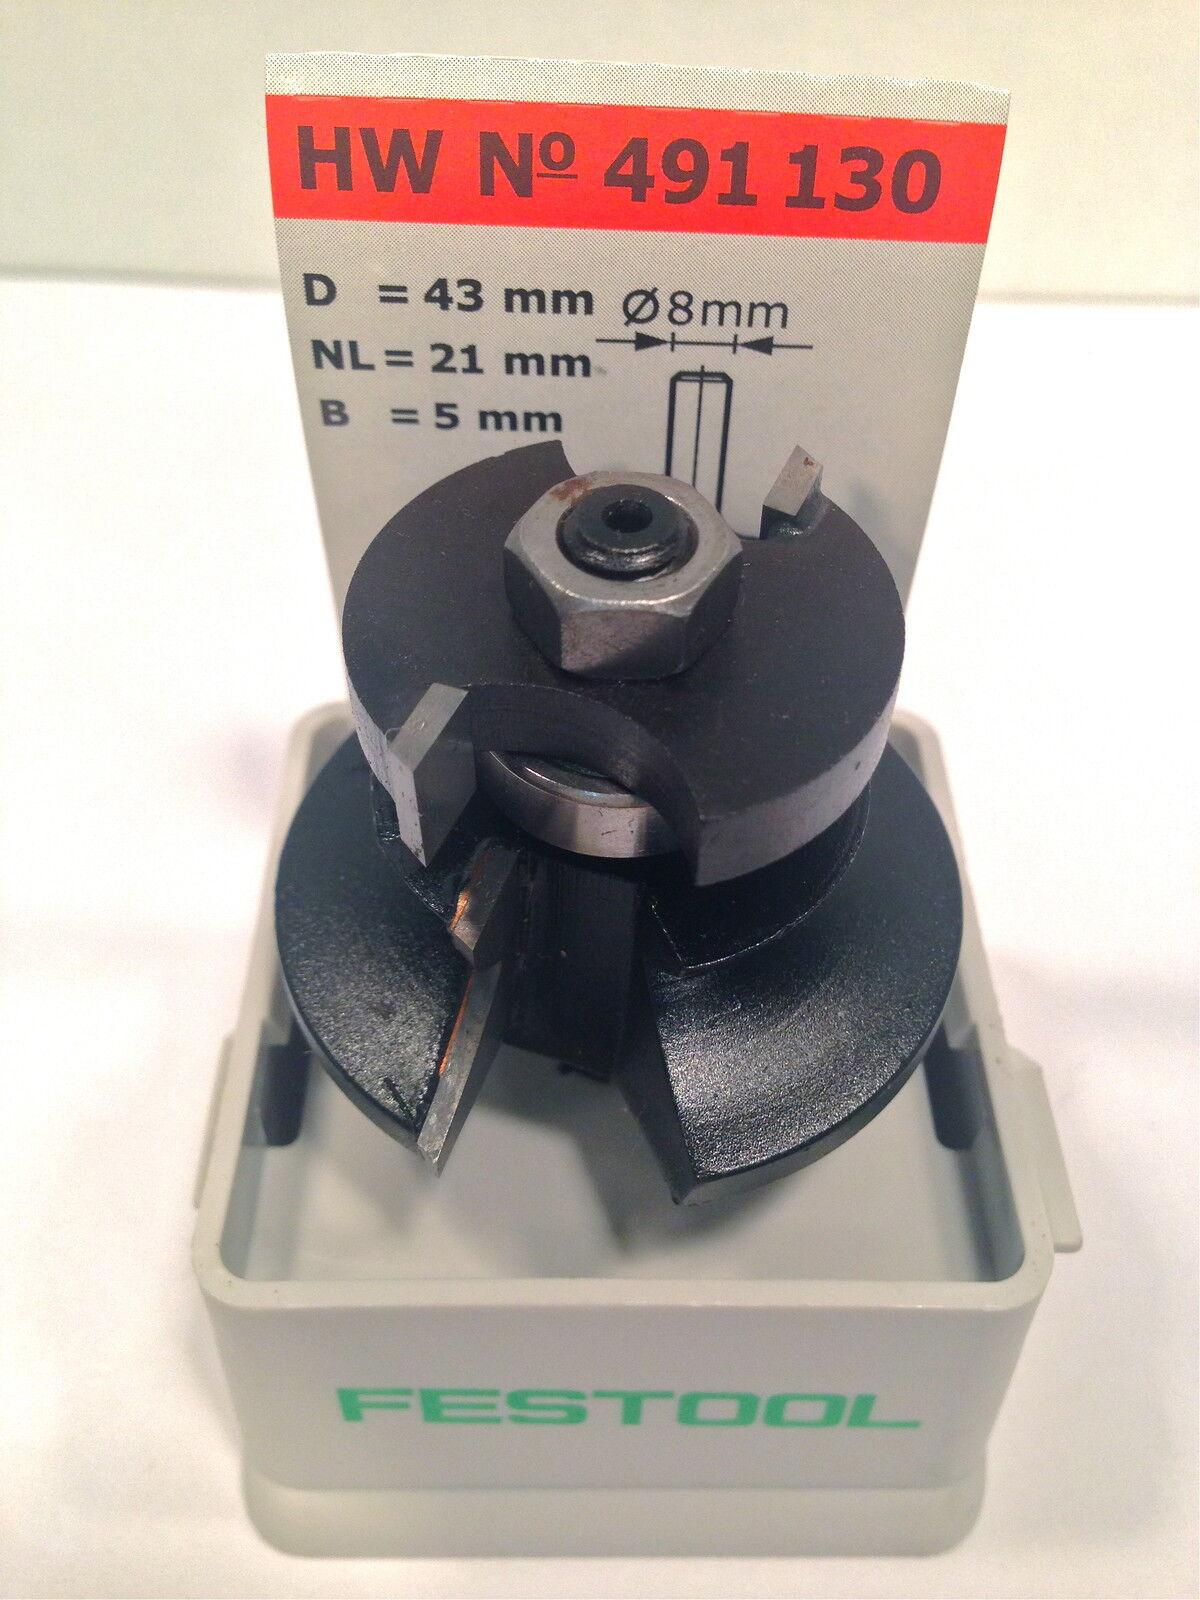 Festool Konterprofilfräser Feder HW S8 D43/21 A/KL  Schaft 8 mm Art-Nr 491130